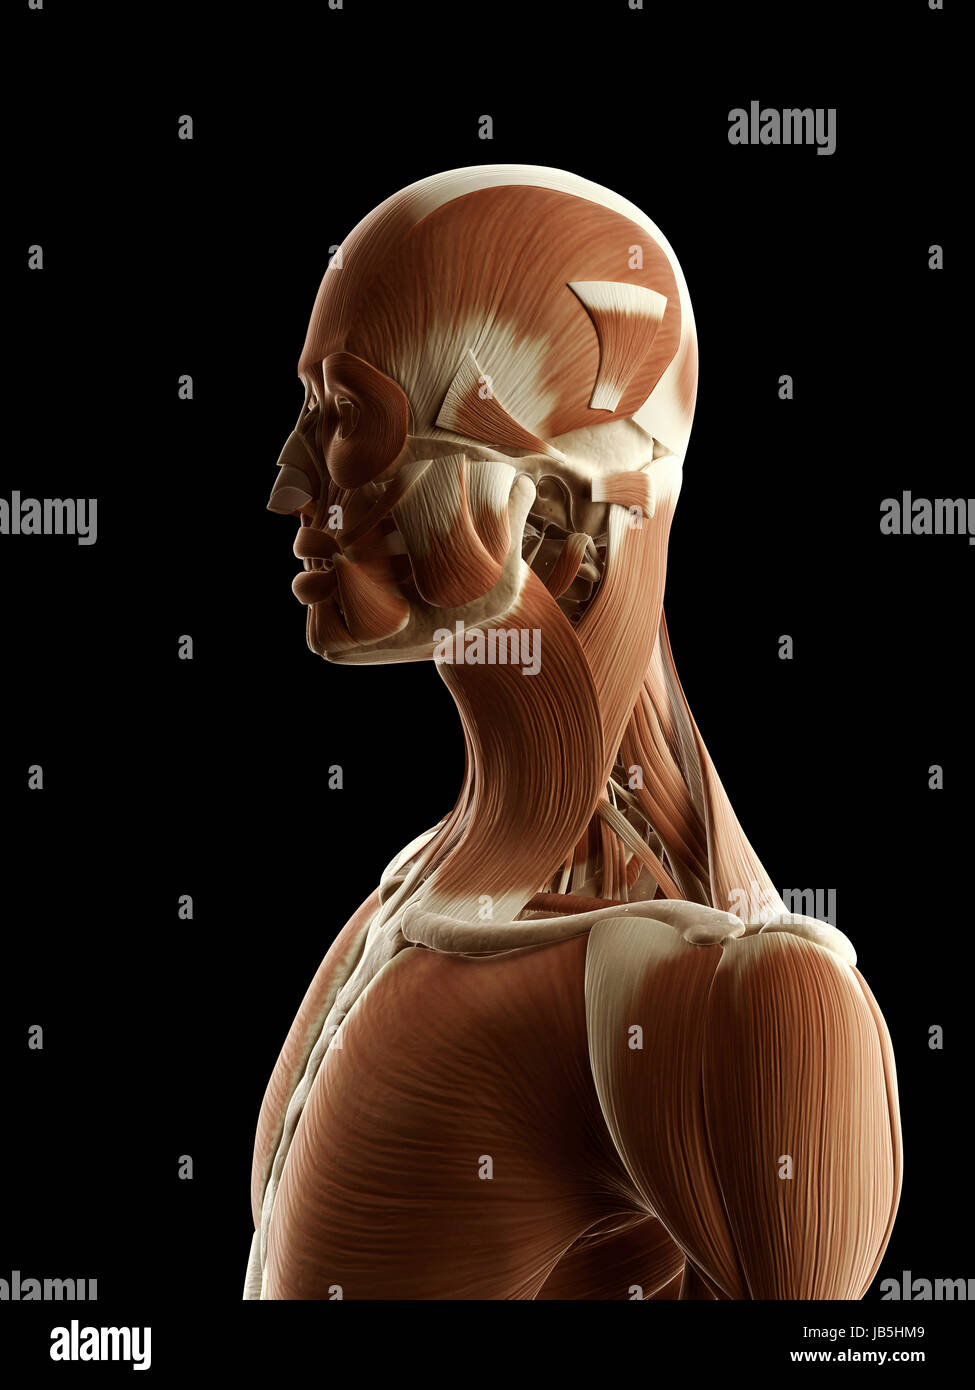 Beste Muskelanatomie Gesicht Bilder - Menschliche Anatomie Bilder ...